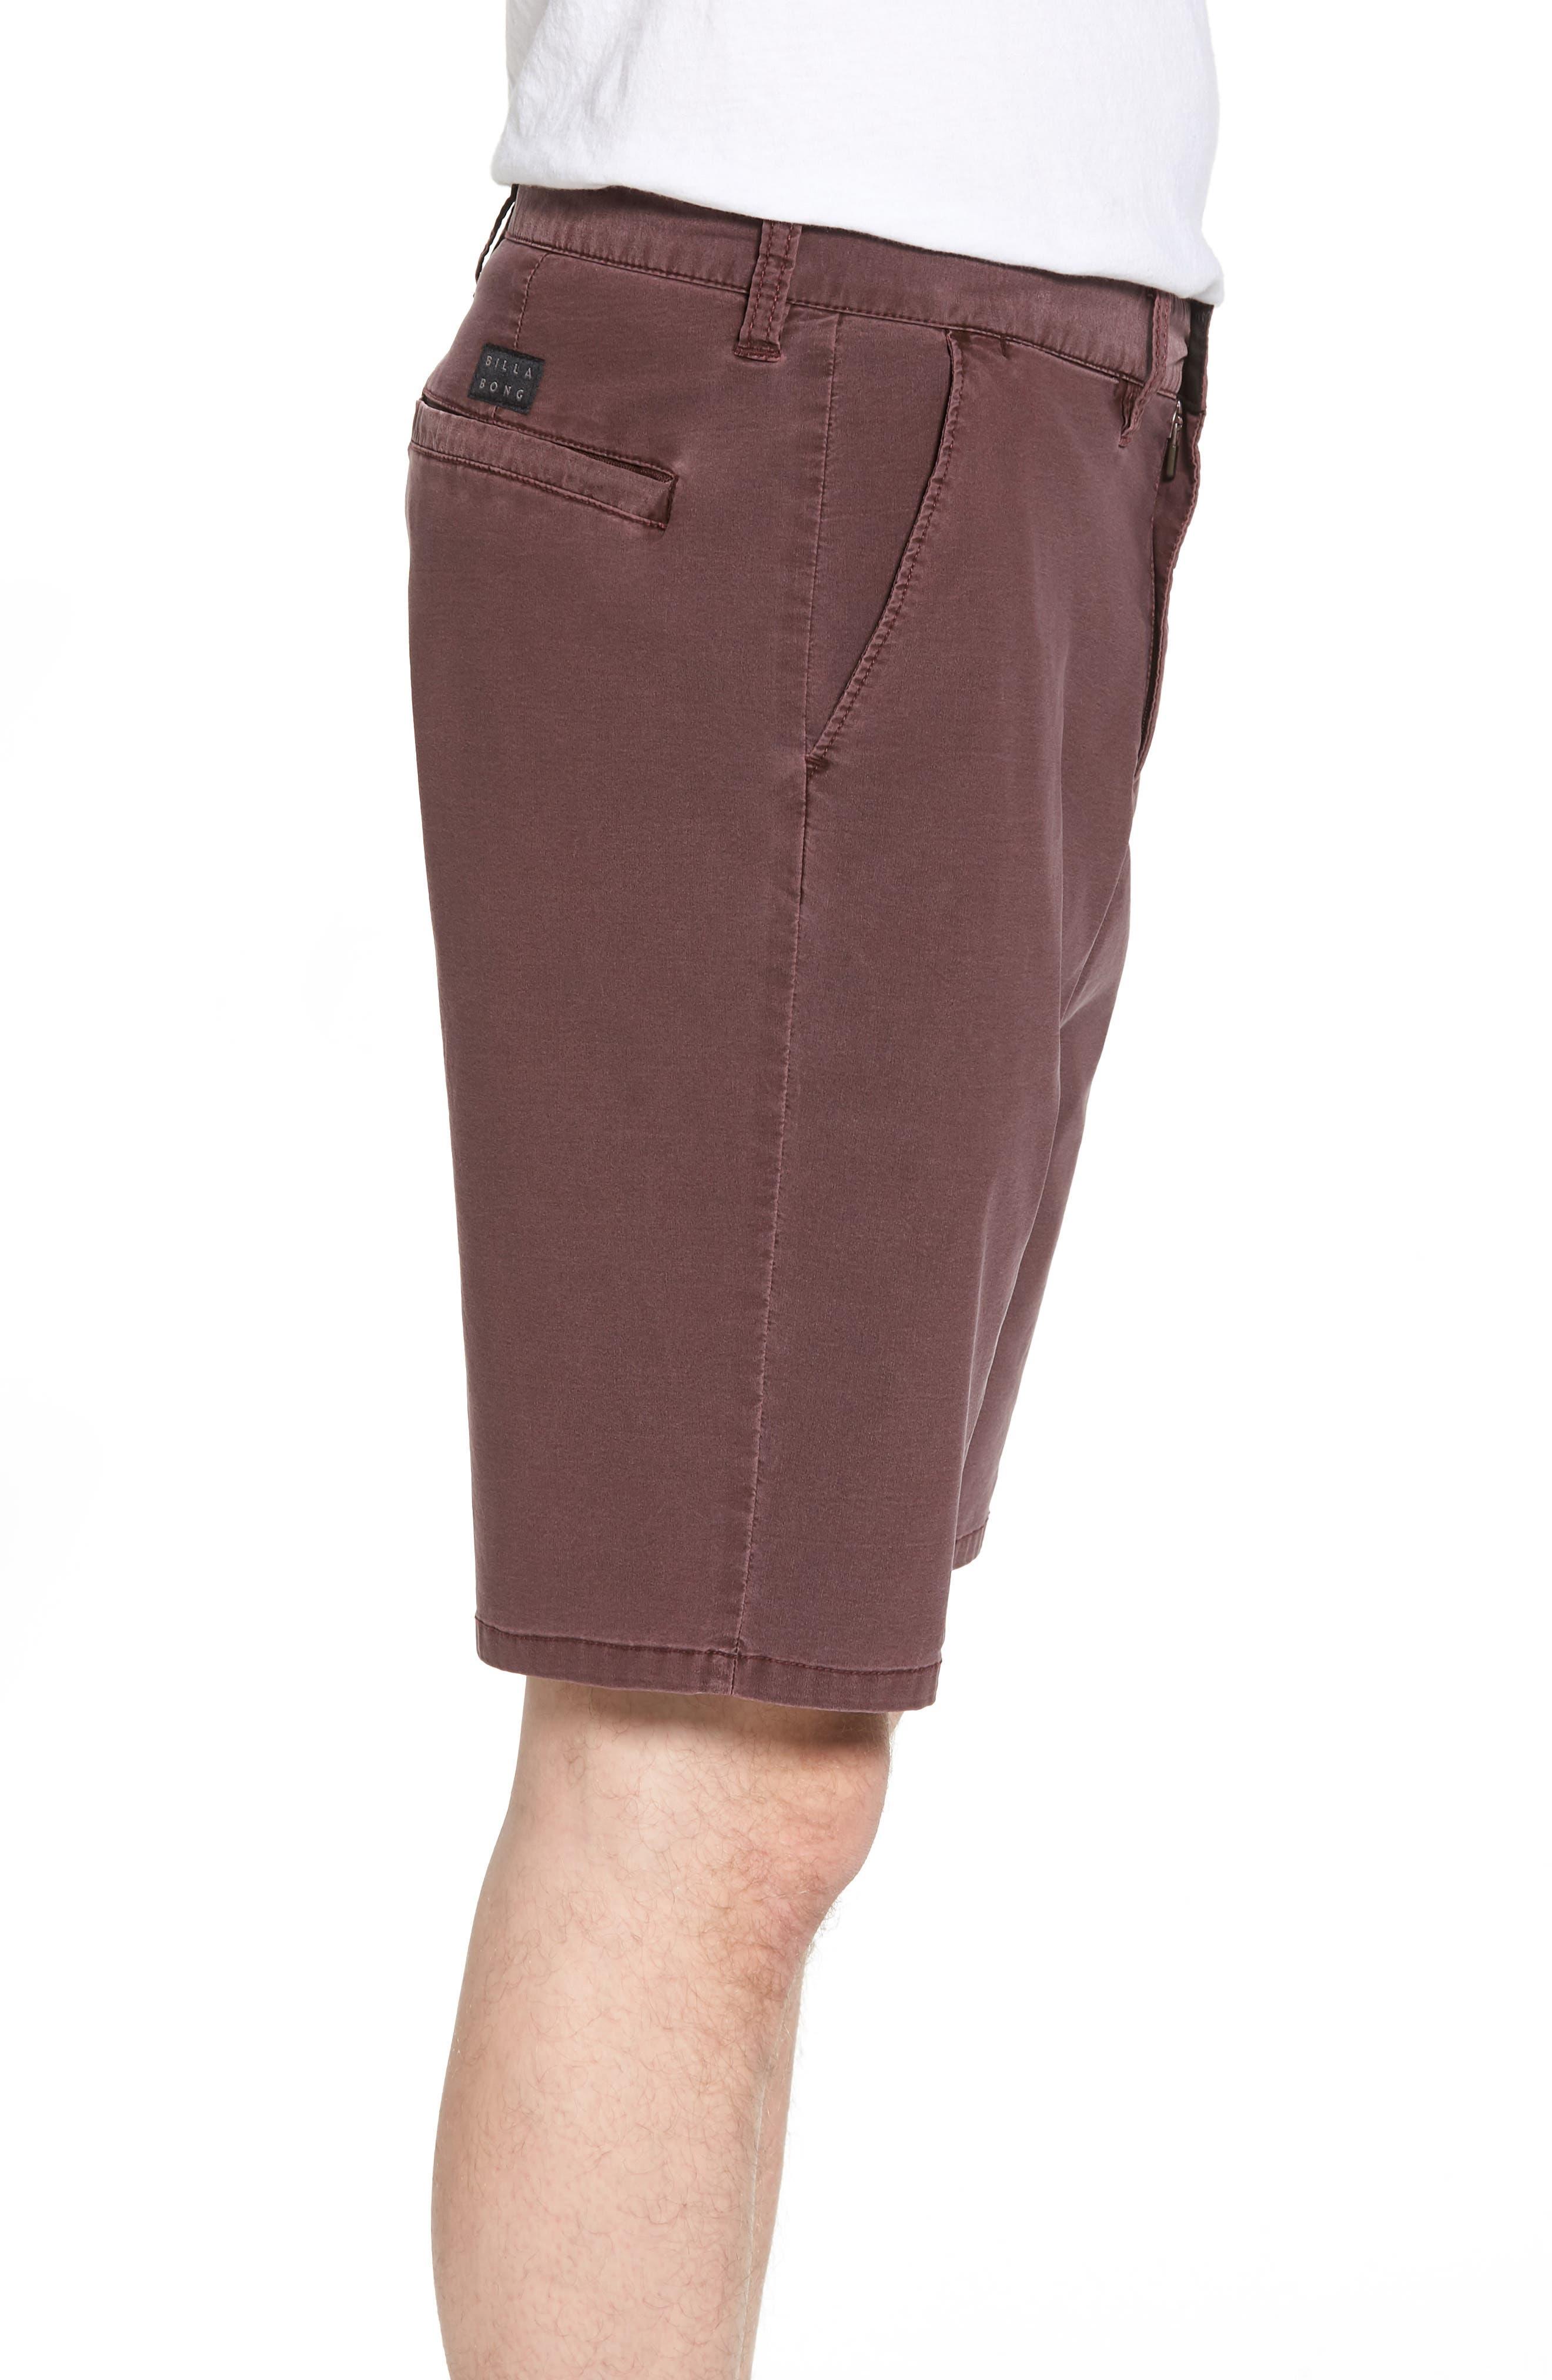 New Order X Overdye Hybrid Shorts,                             Alternate thumbnail 3, color,                             Rum